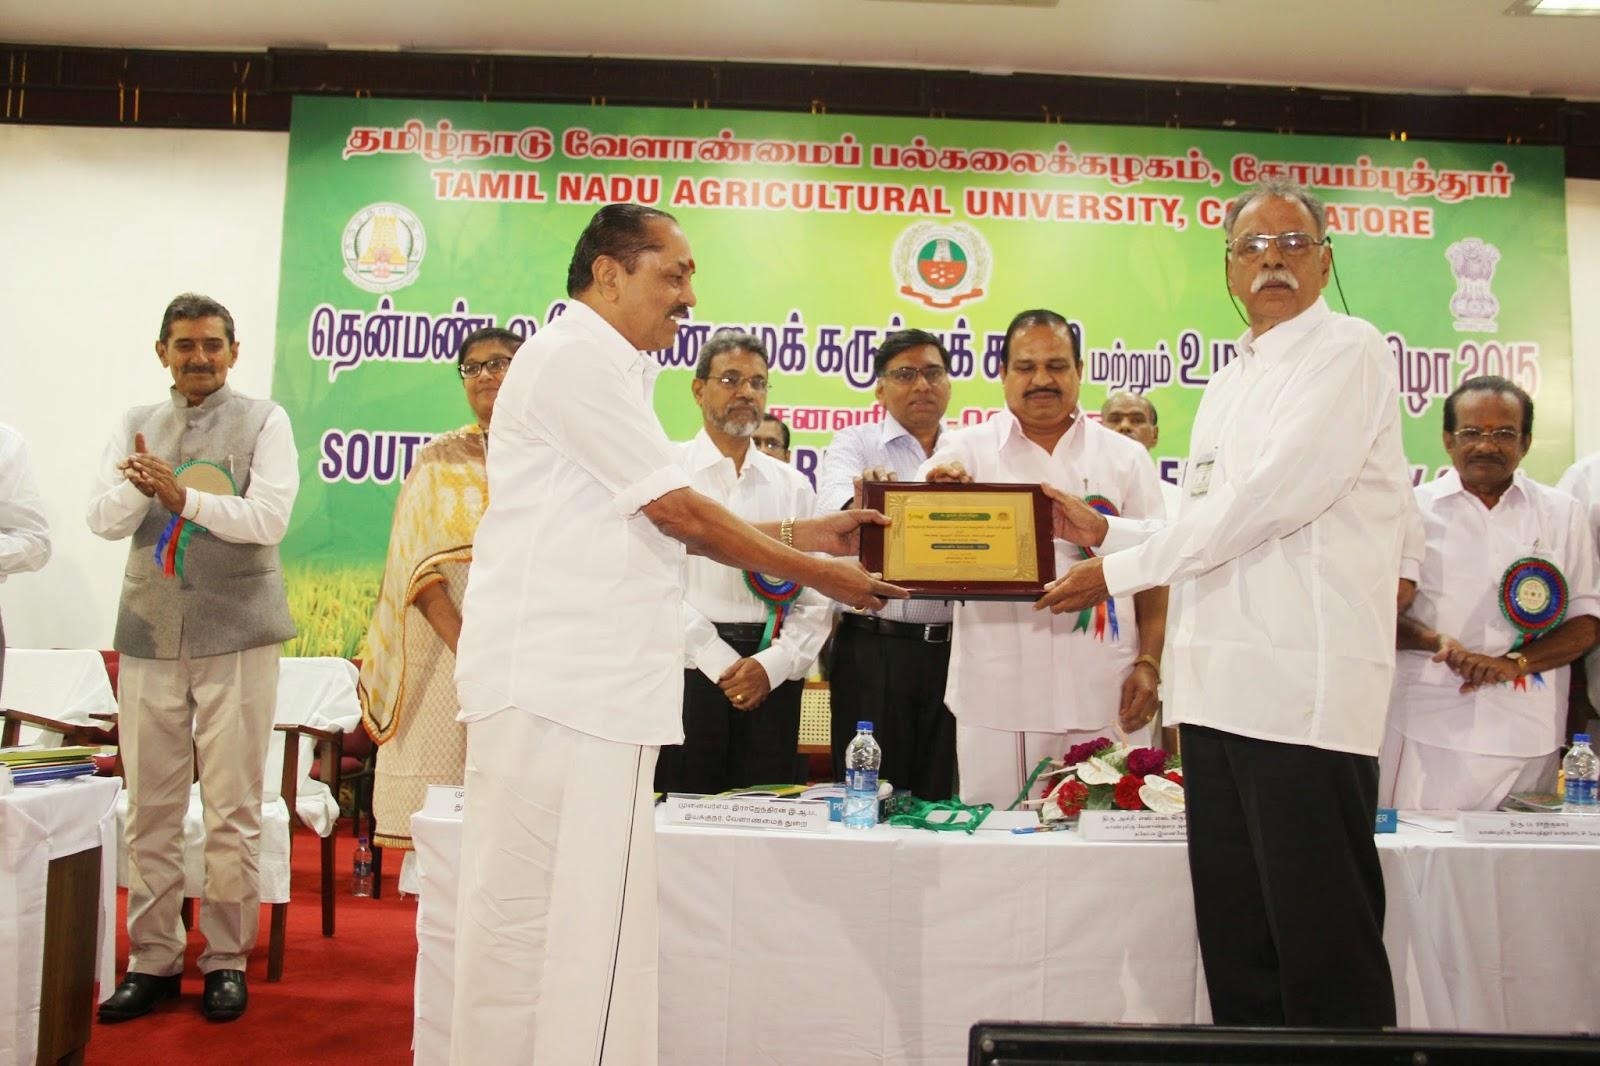 Our mentor PB Murali, receiving the best farmer award